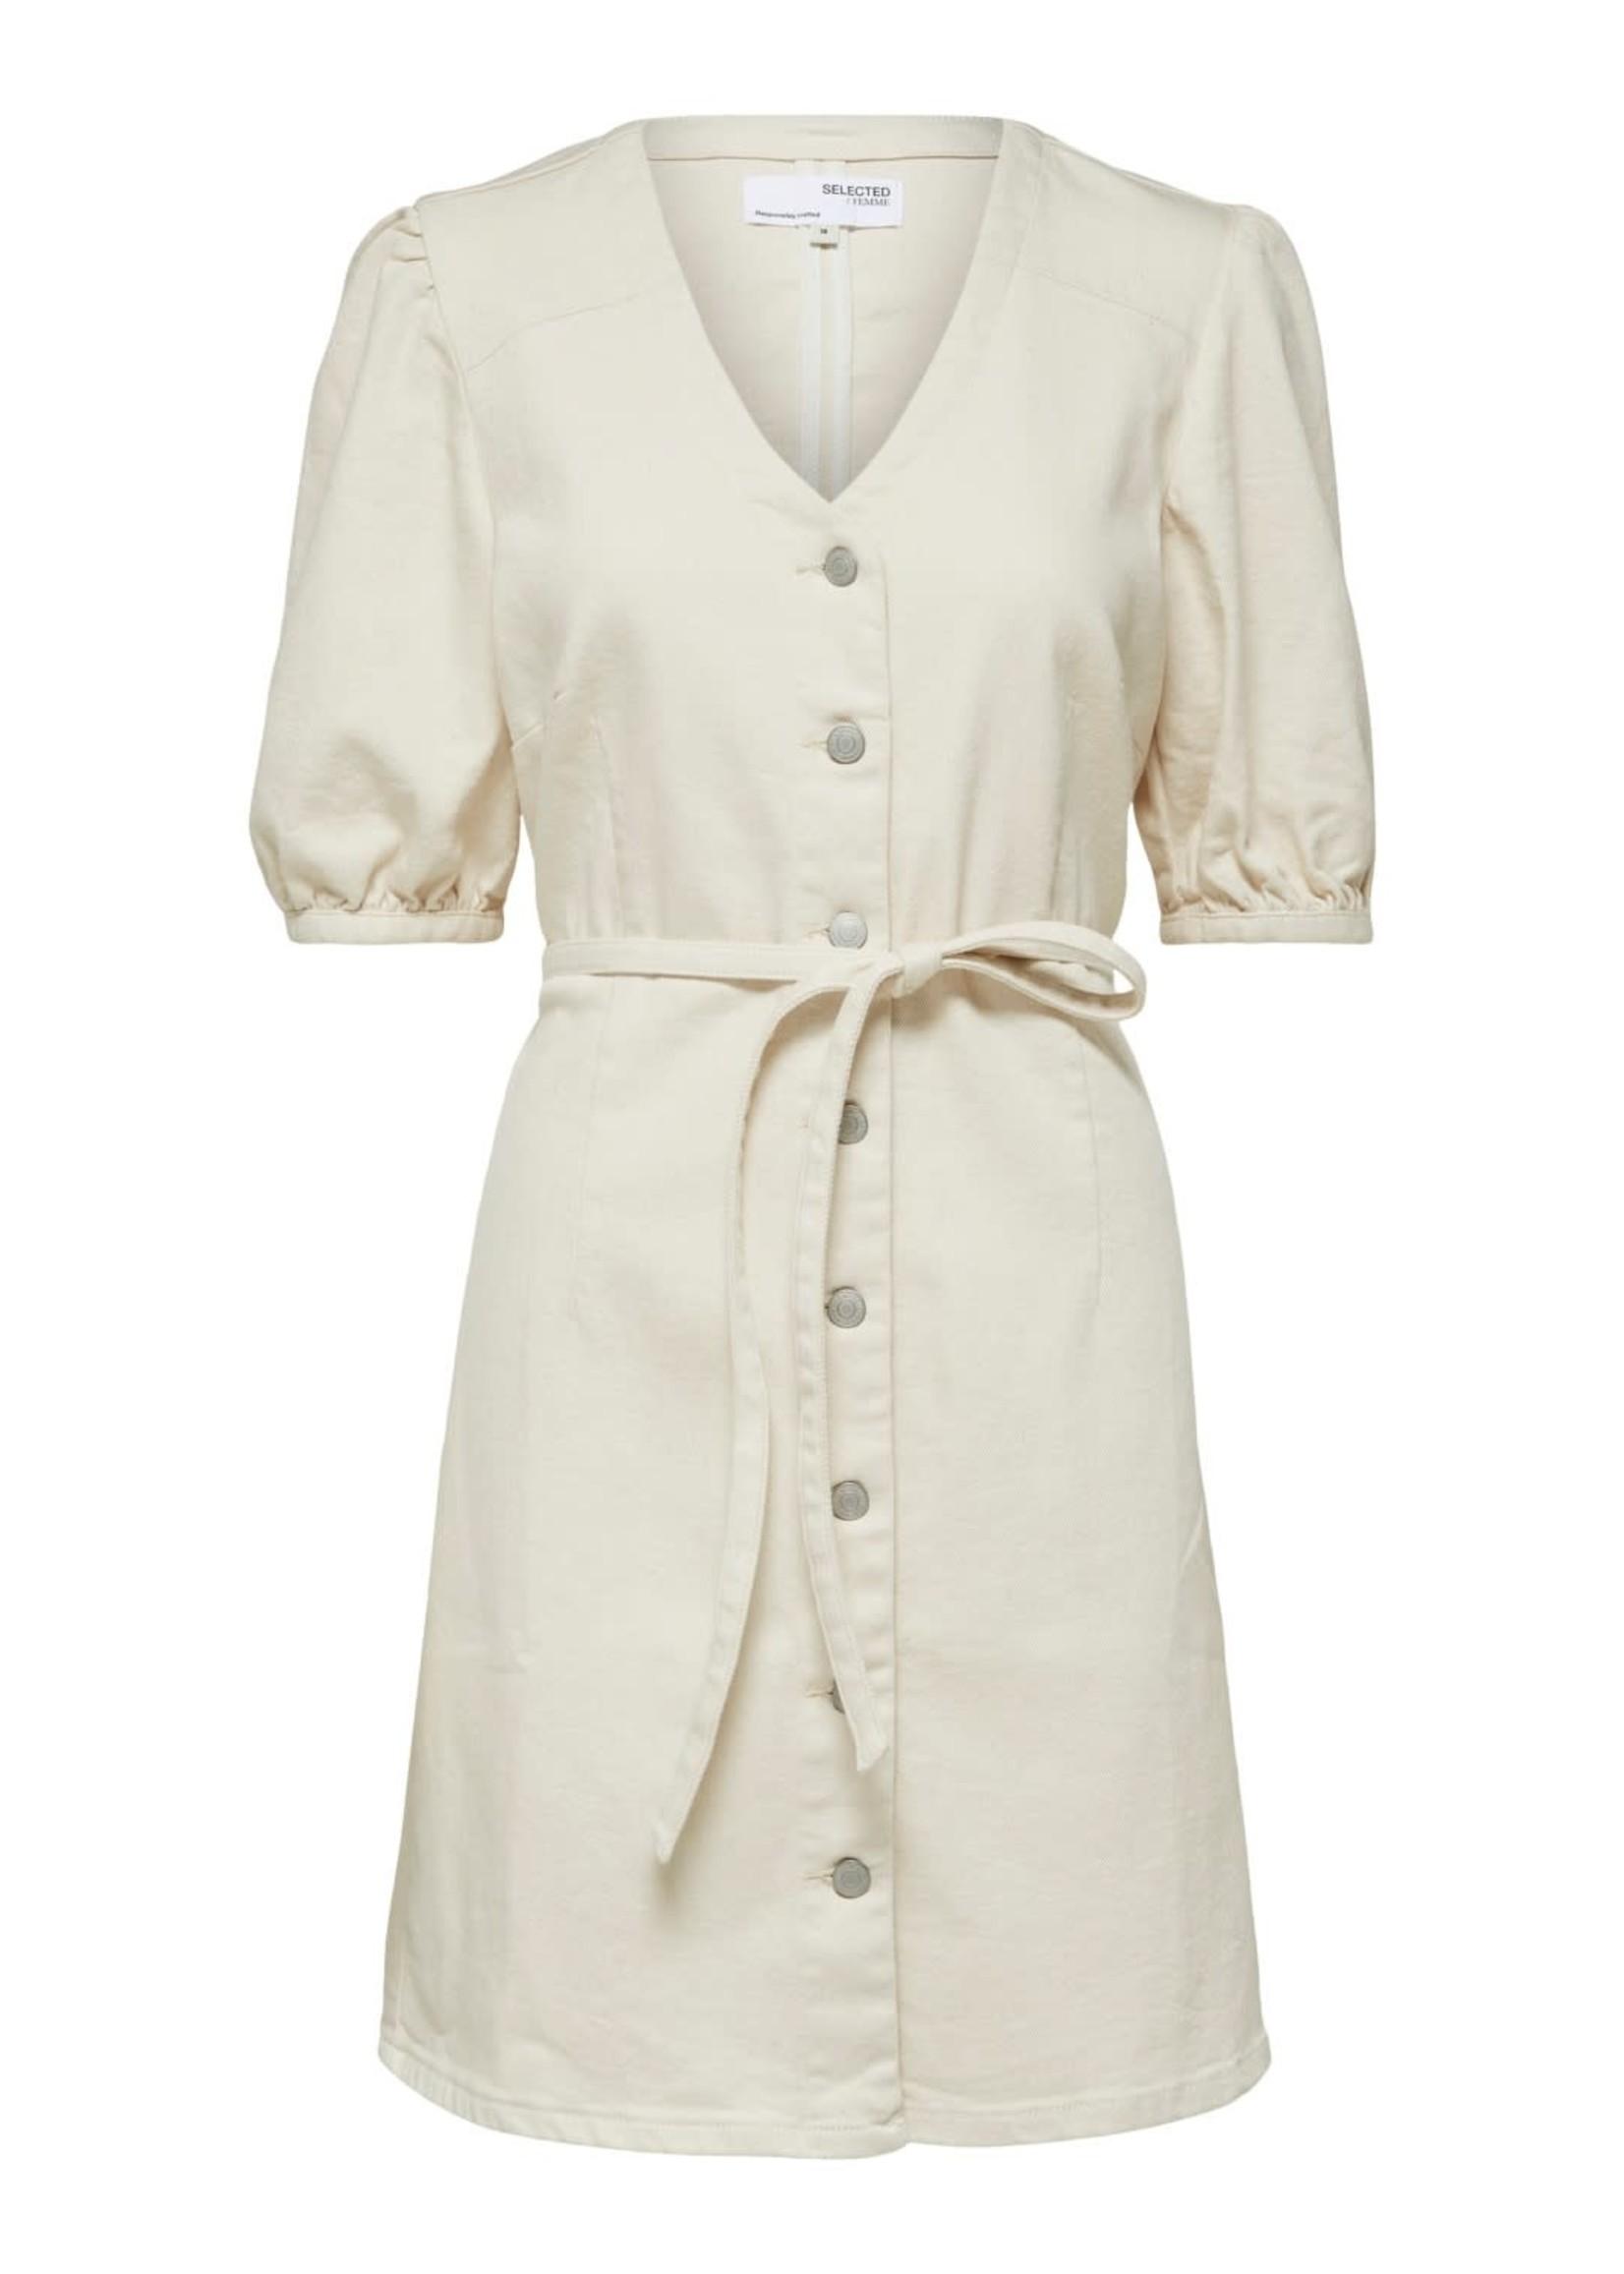 Selected Femme Sophia star white 3/4 denim dress